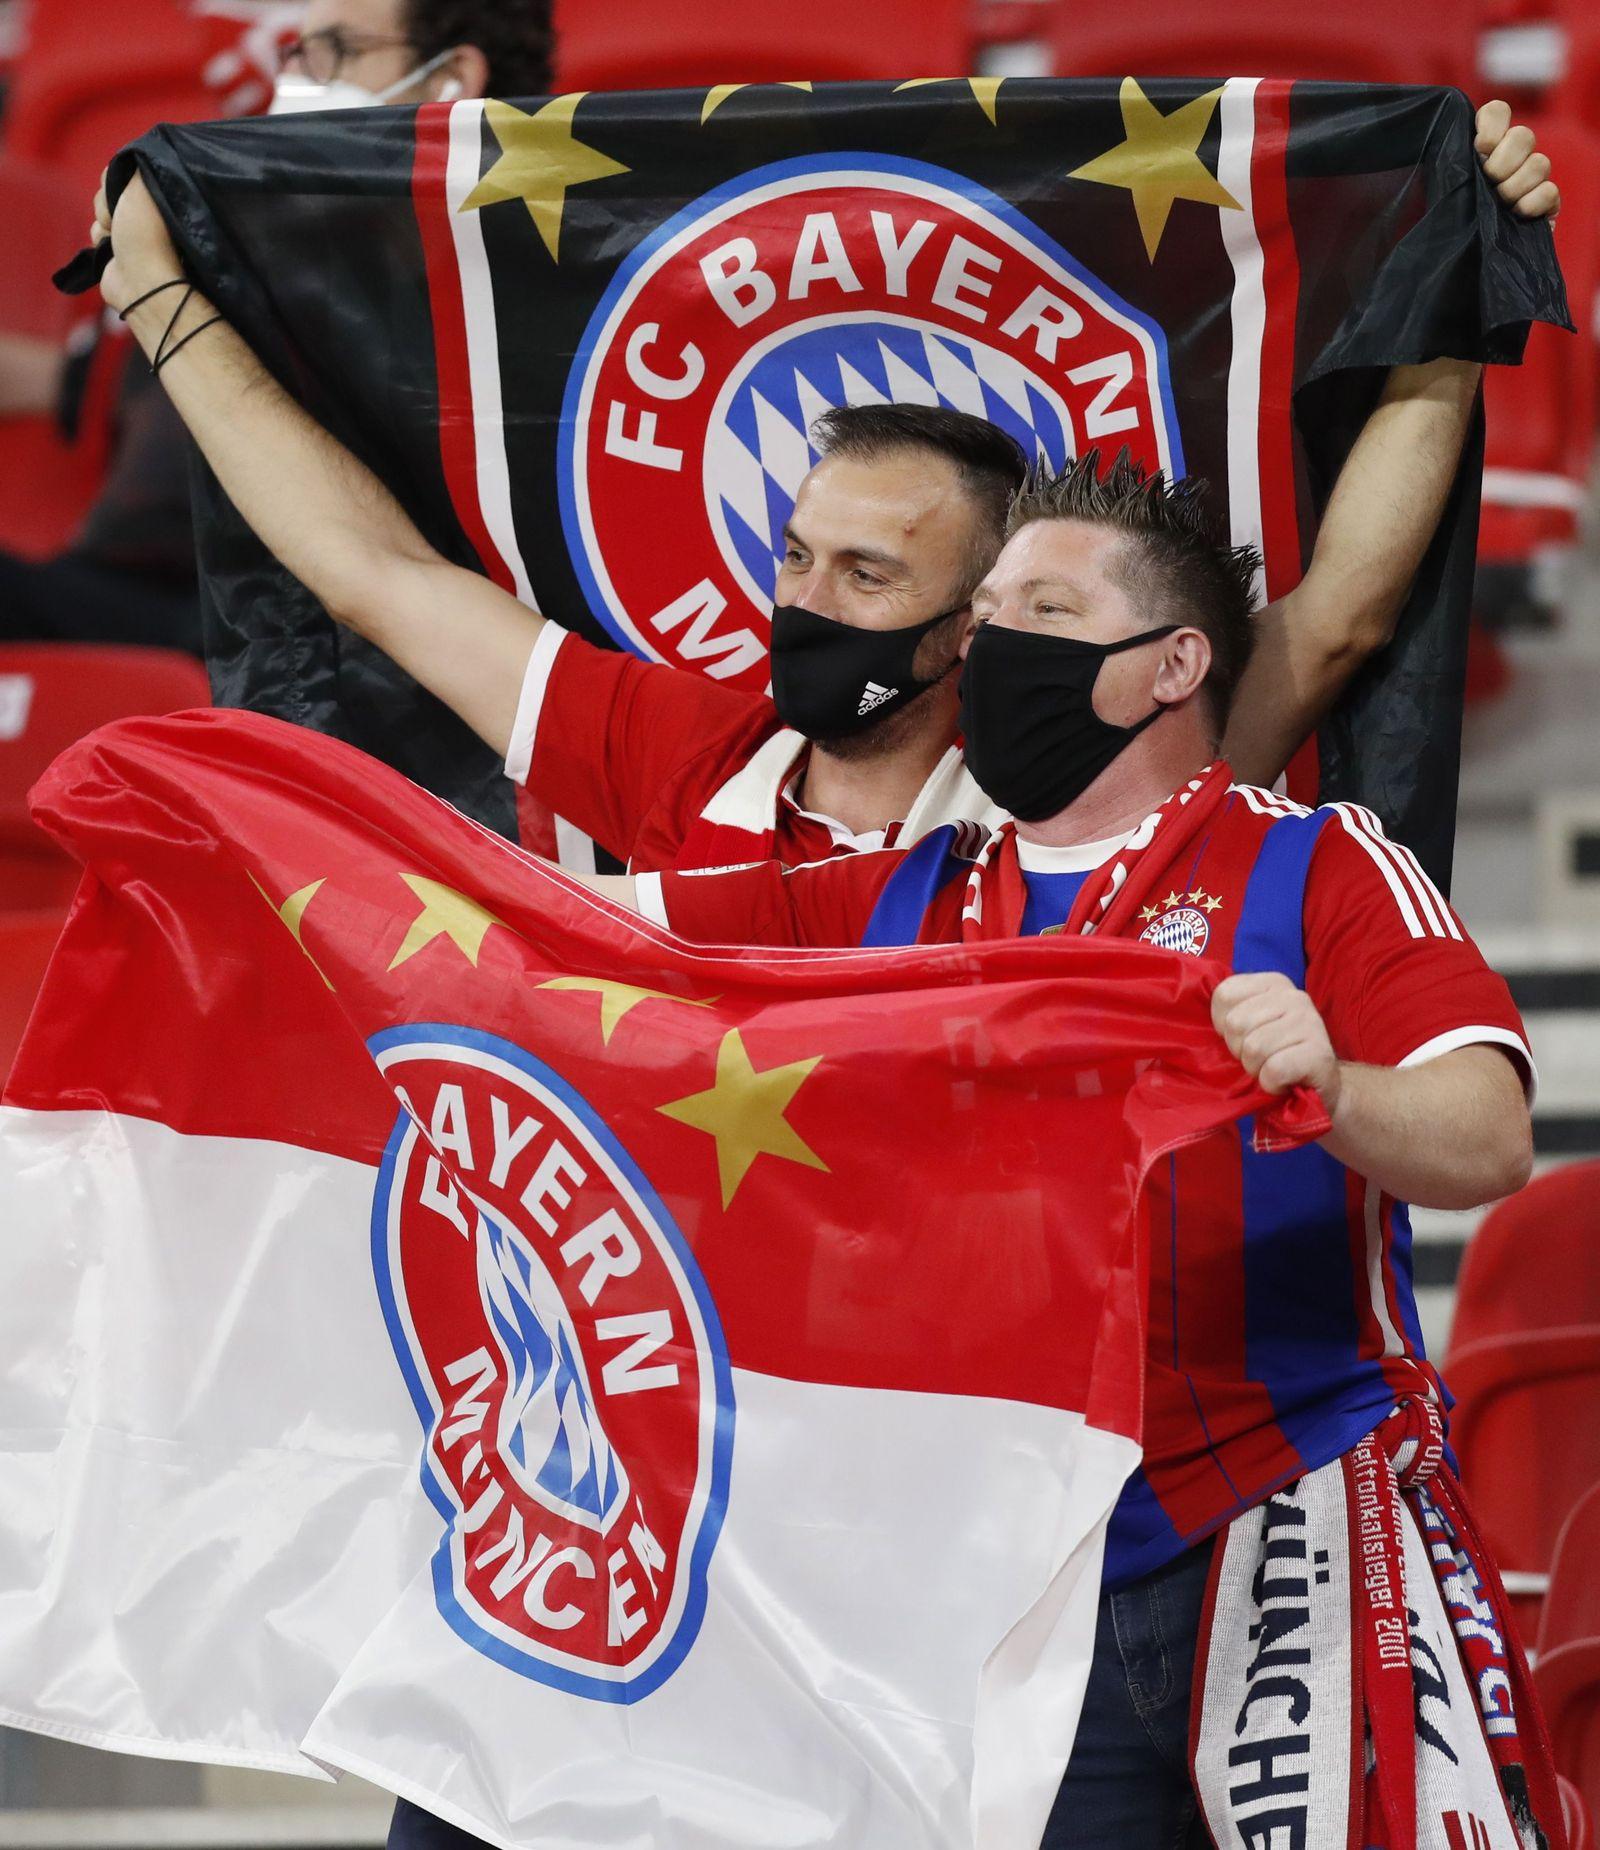 Bayern Munich vs Sevilla FC, Budapest, Hungary - 24 Sep 2020